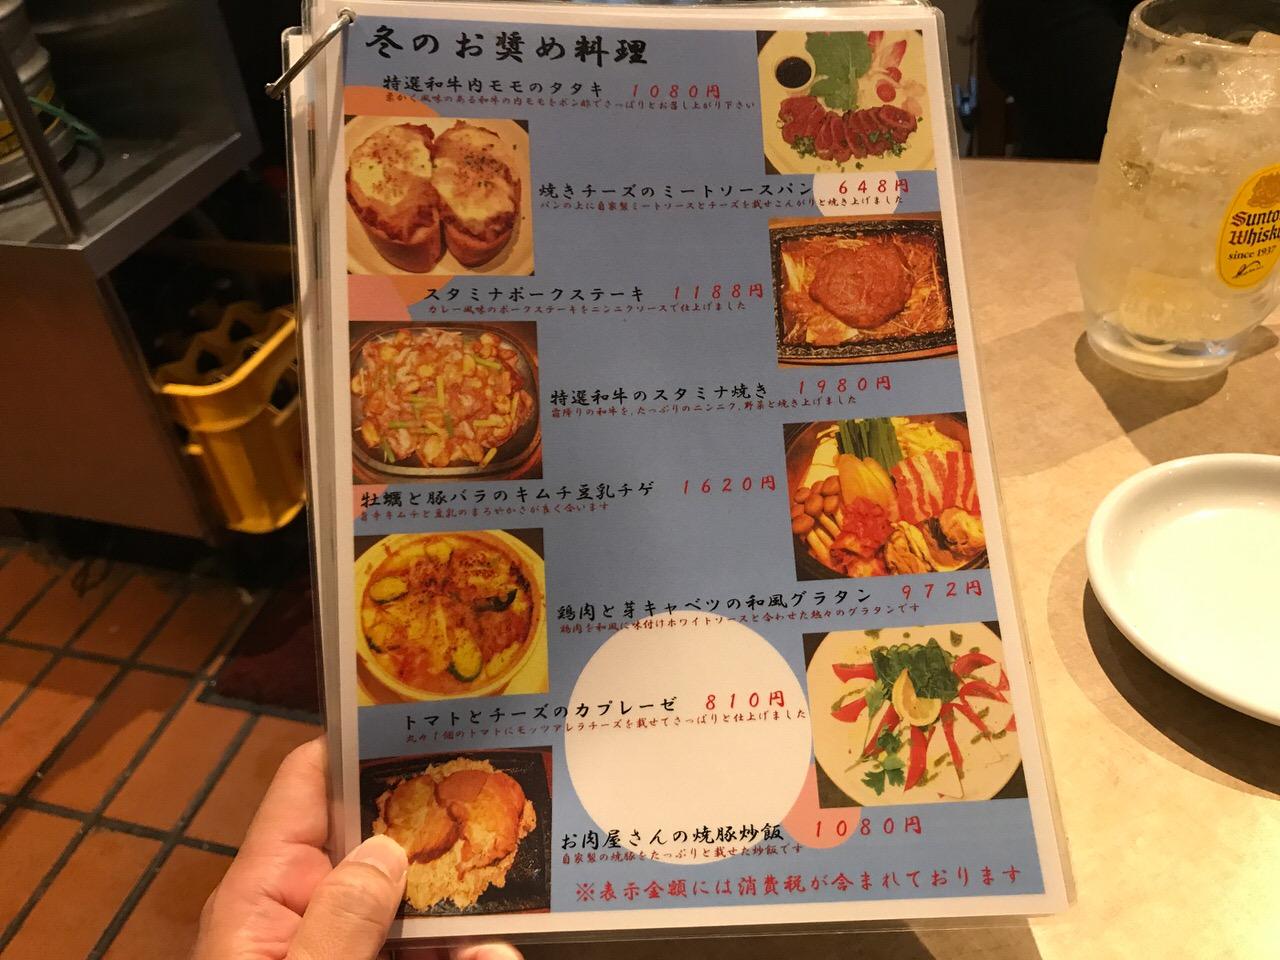 Ooyama 0109170718